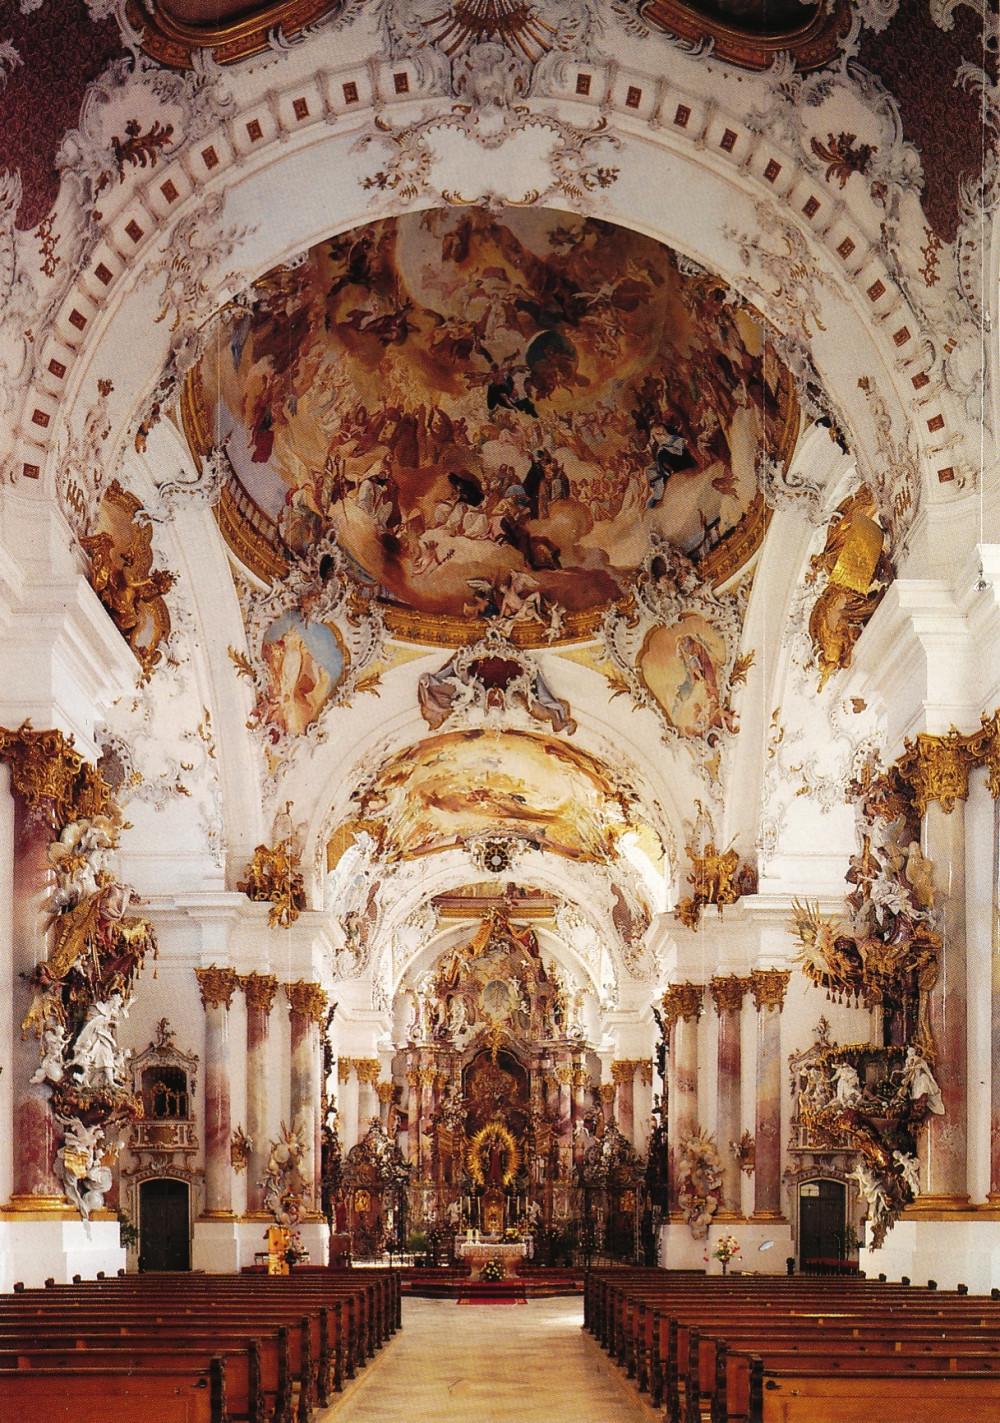 Innenausstattung des Münsters in Zwiefalten mit reichlich Gold, Skulpturen und imposanten Deckengemälde